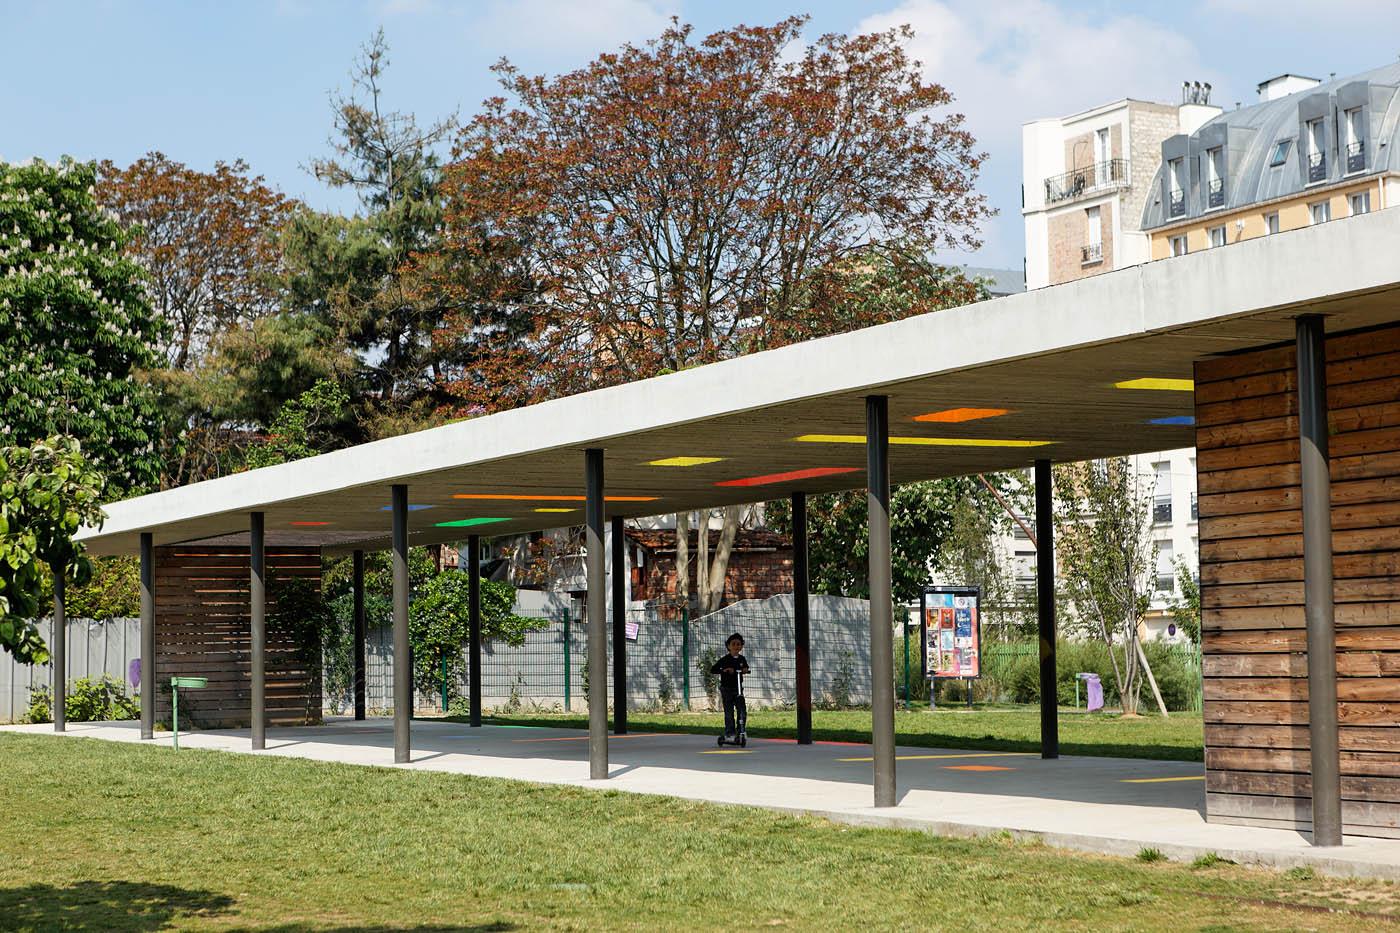 Parc Lucie Aubrac, Les Lilas, Agence PROJECTILES